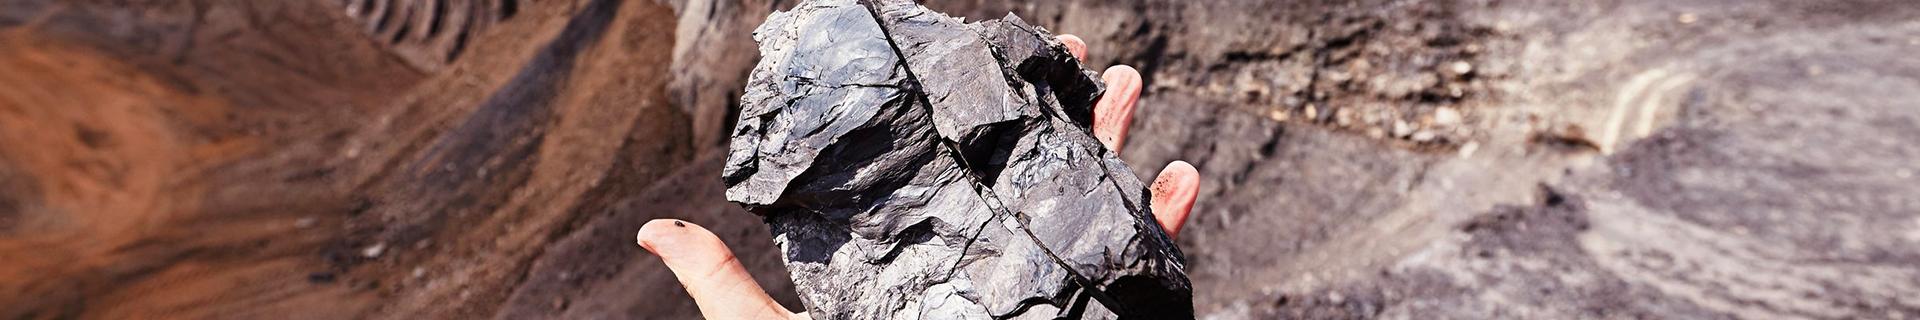 Mikrofluidische Verfahren in der Geologie, Petrologie, Mineralogie